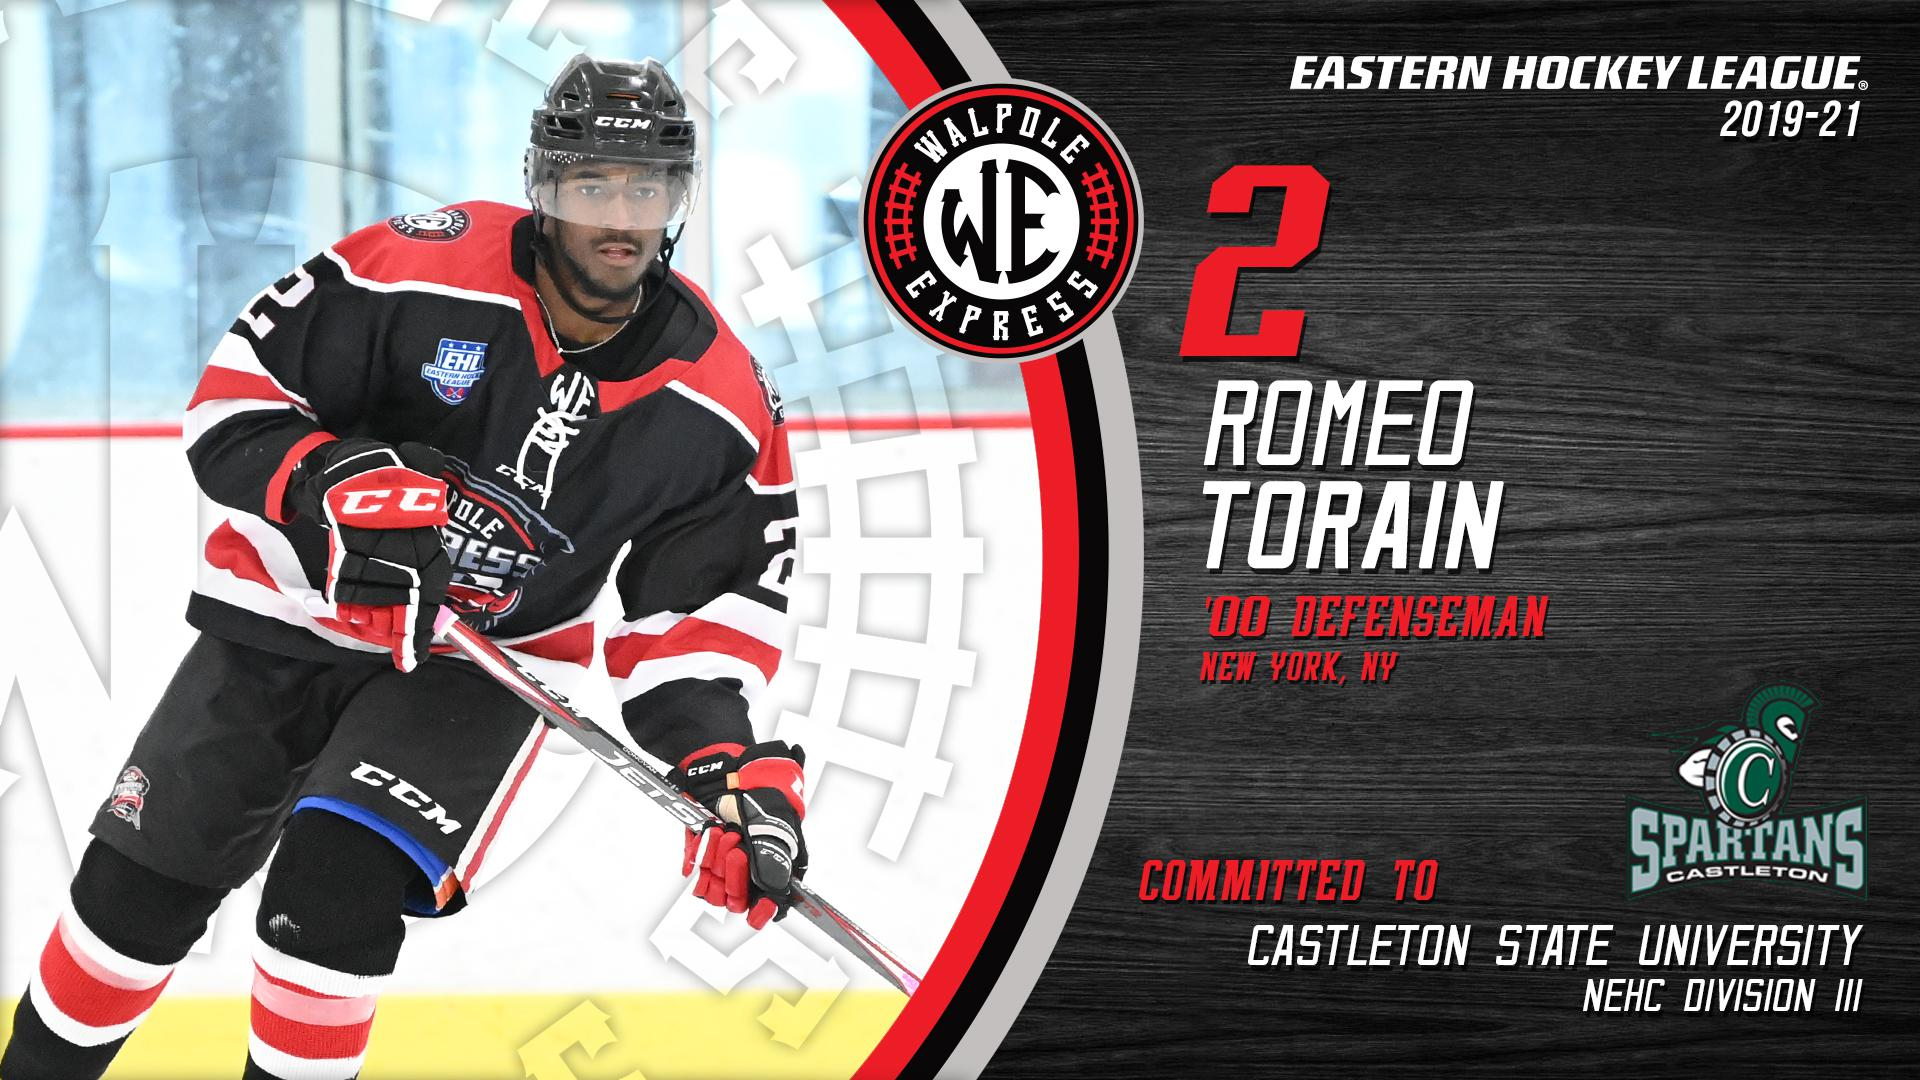 Romeo Torain